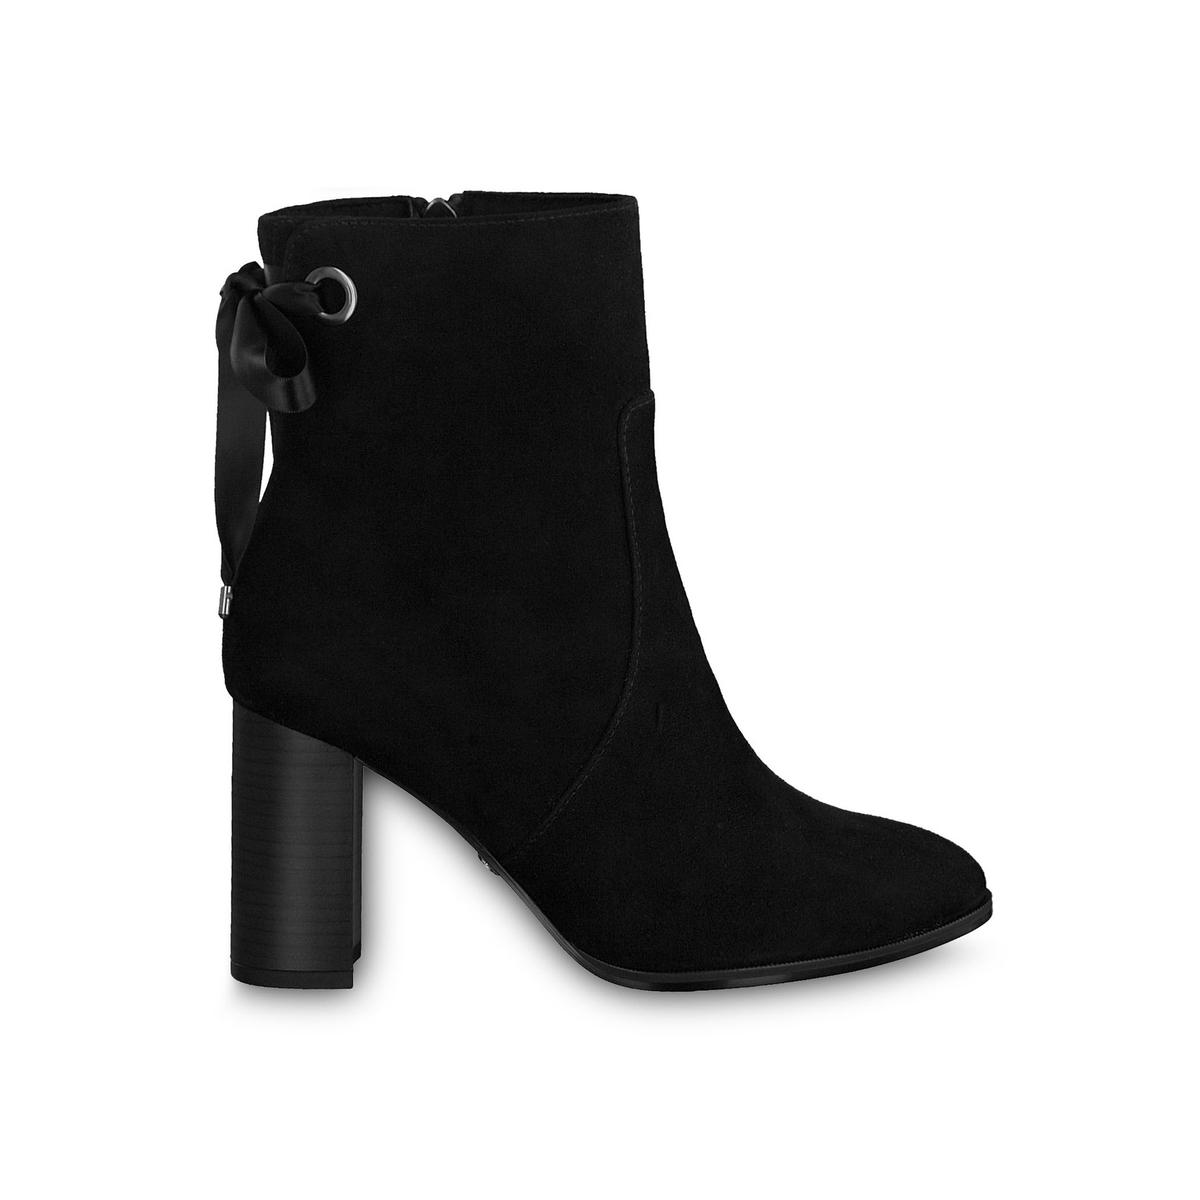 цена Ботильоны La Redoute Кожаные на каблуке Francesca 41 черный онлайн в 2017 году